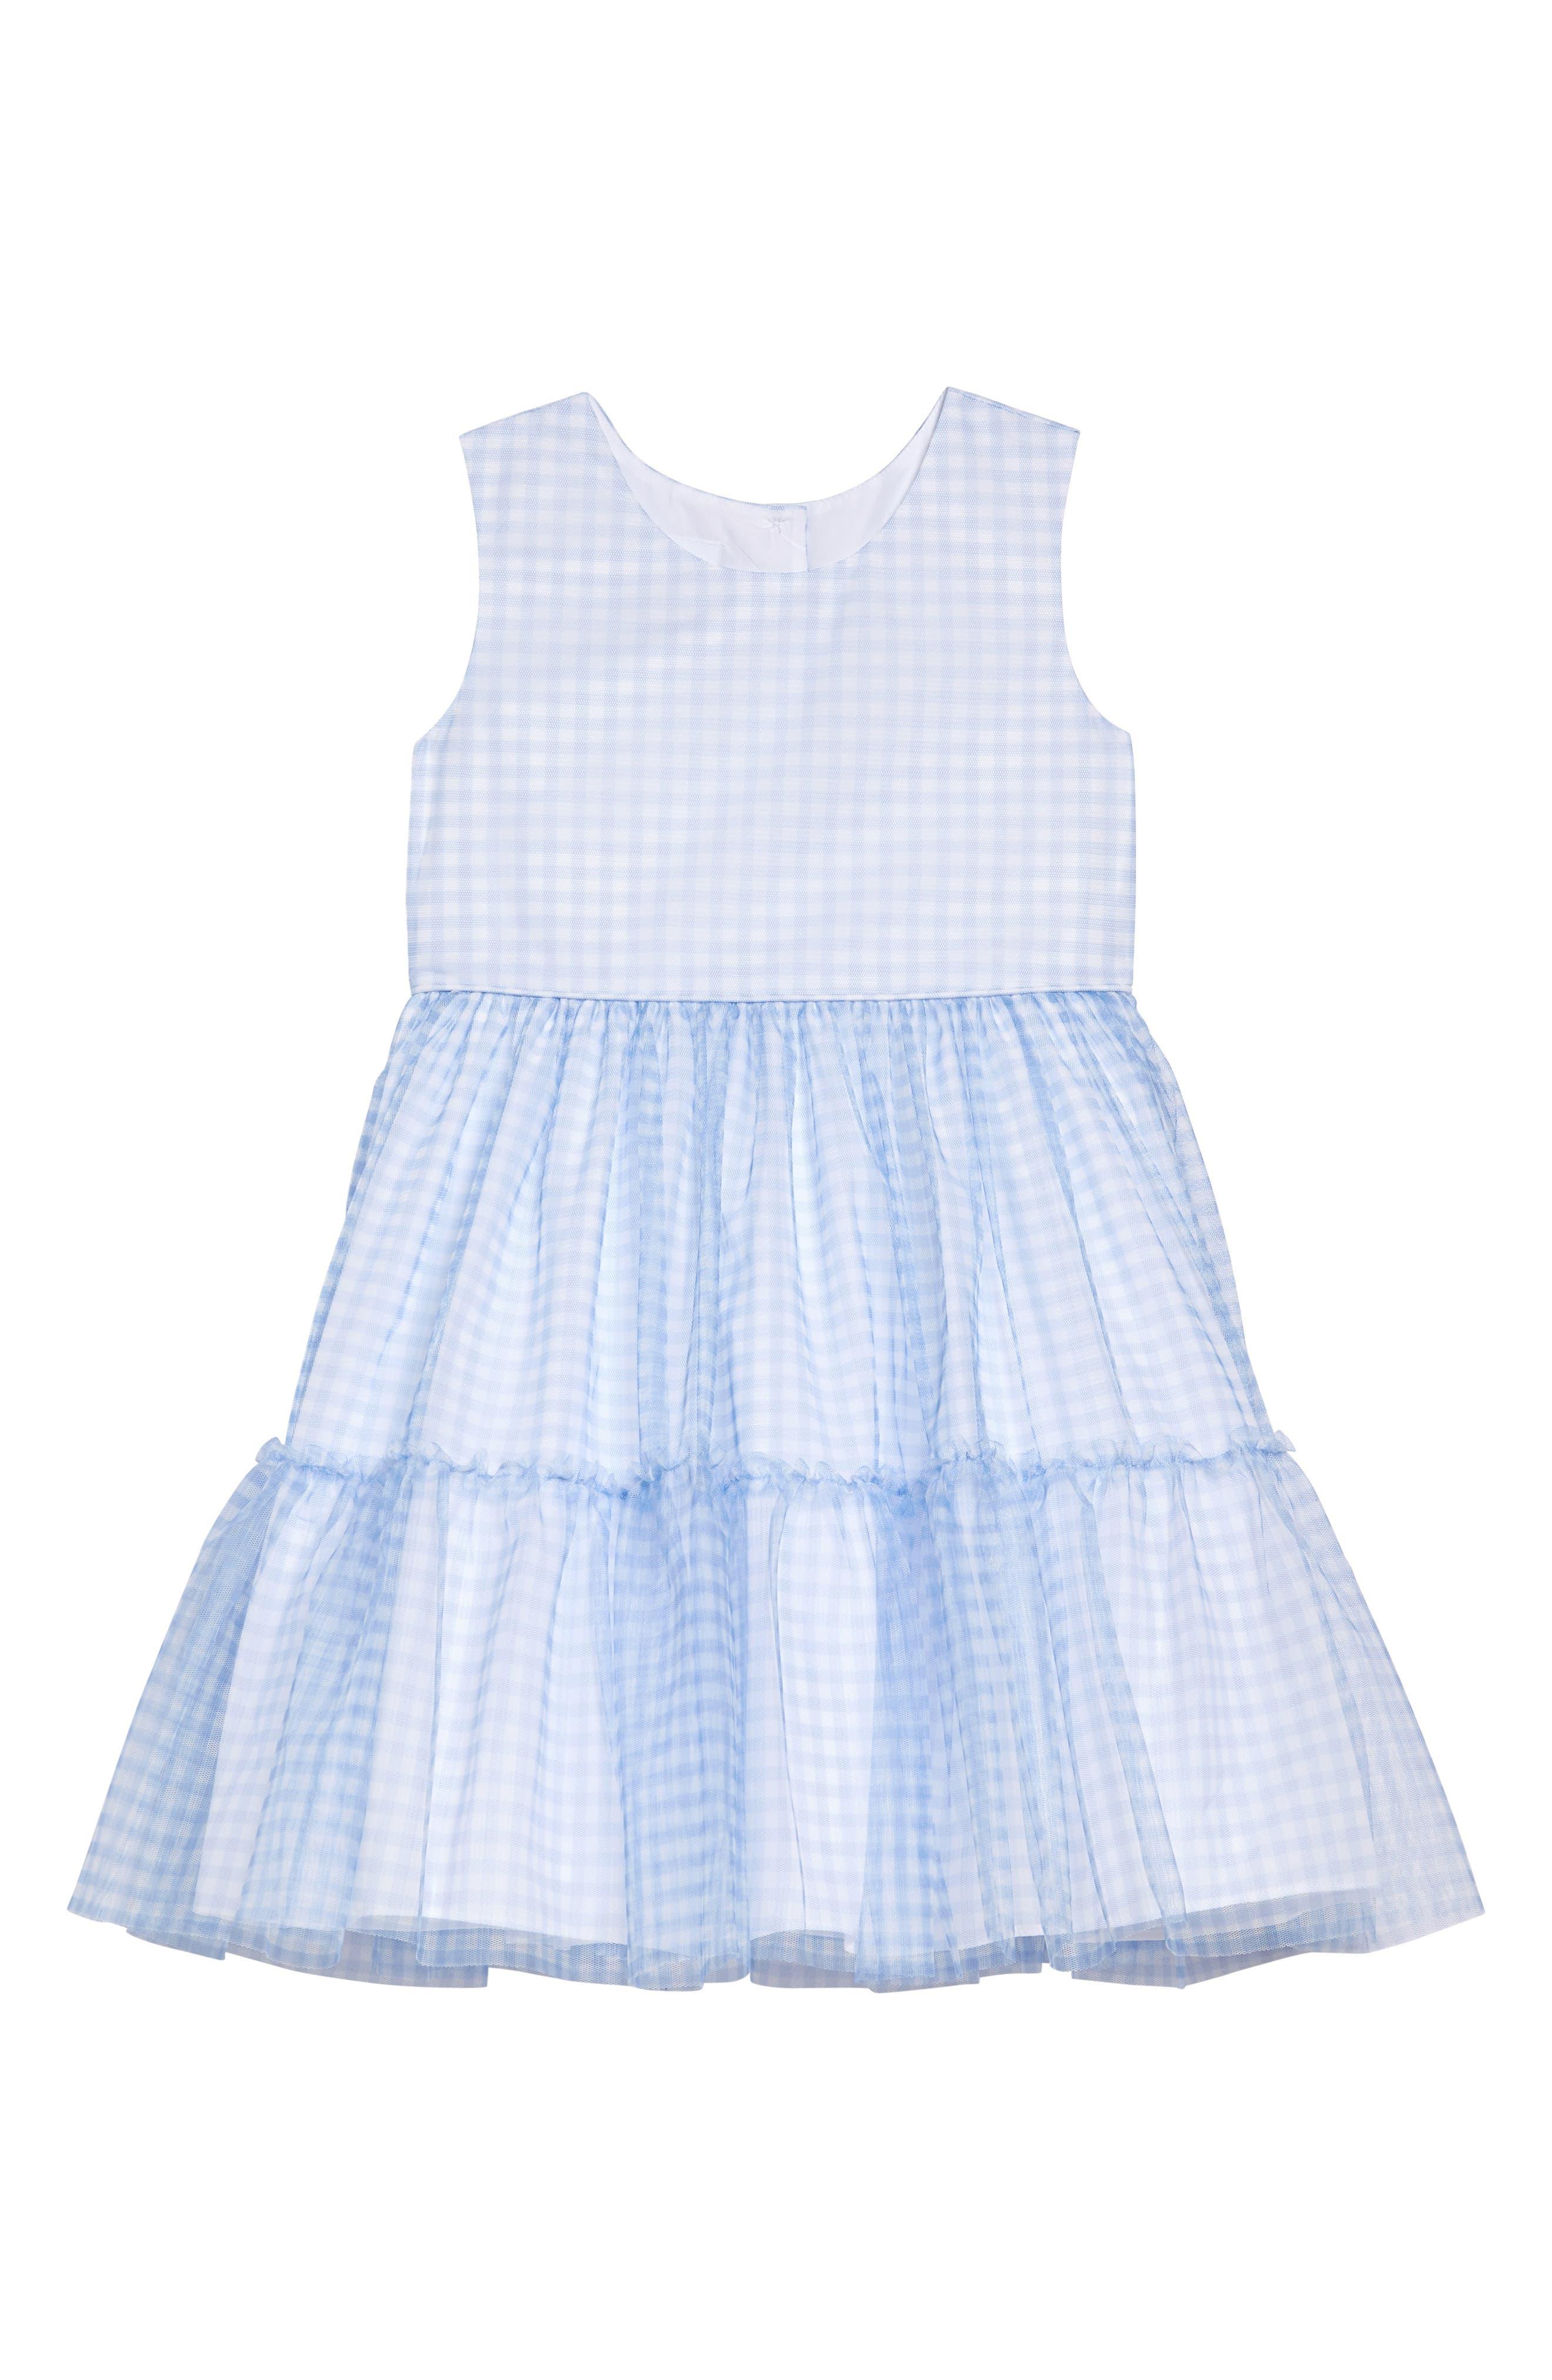 Toddler Girls Frais Check Mesh Ruffle Dress Size 2T  Blue